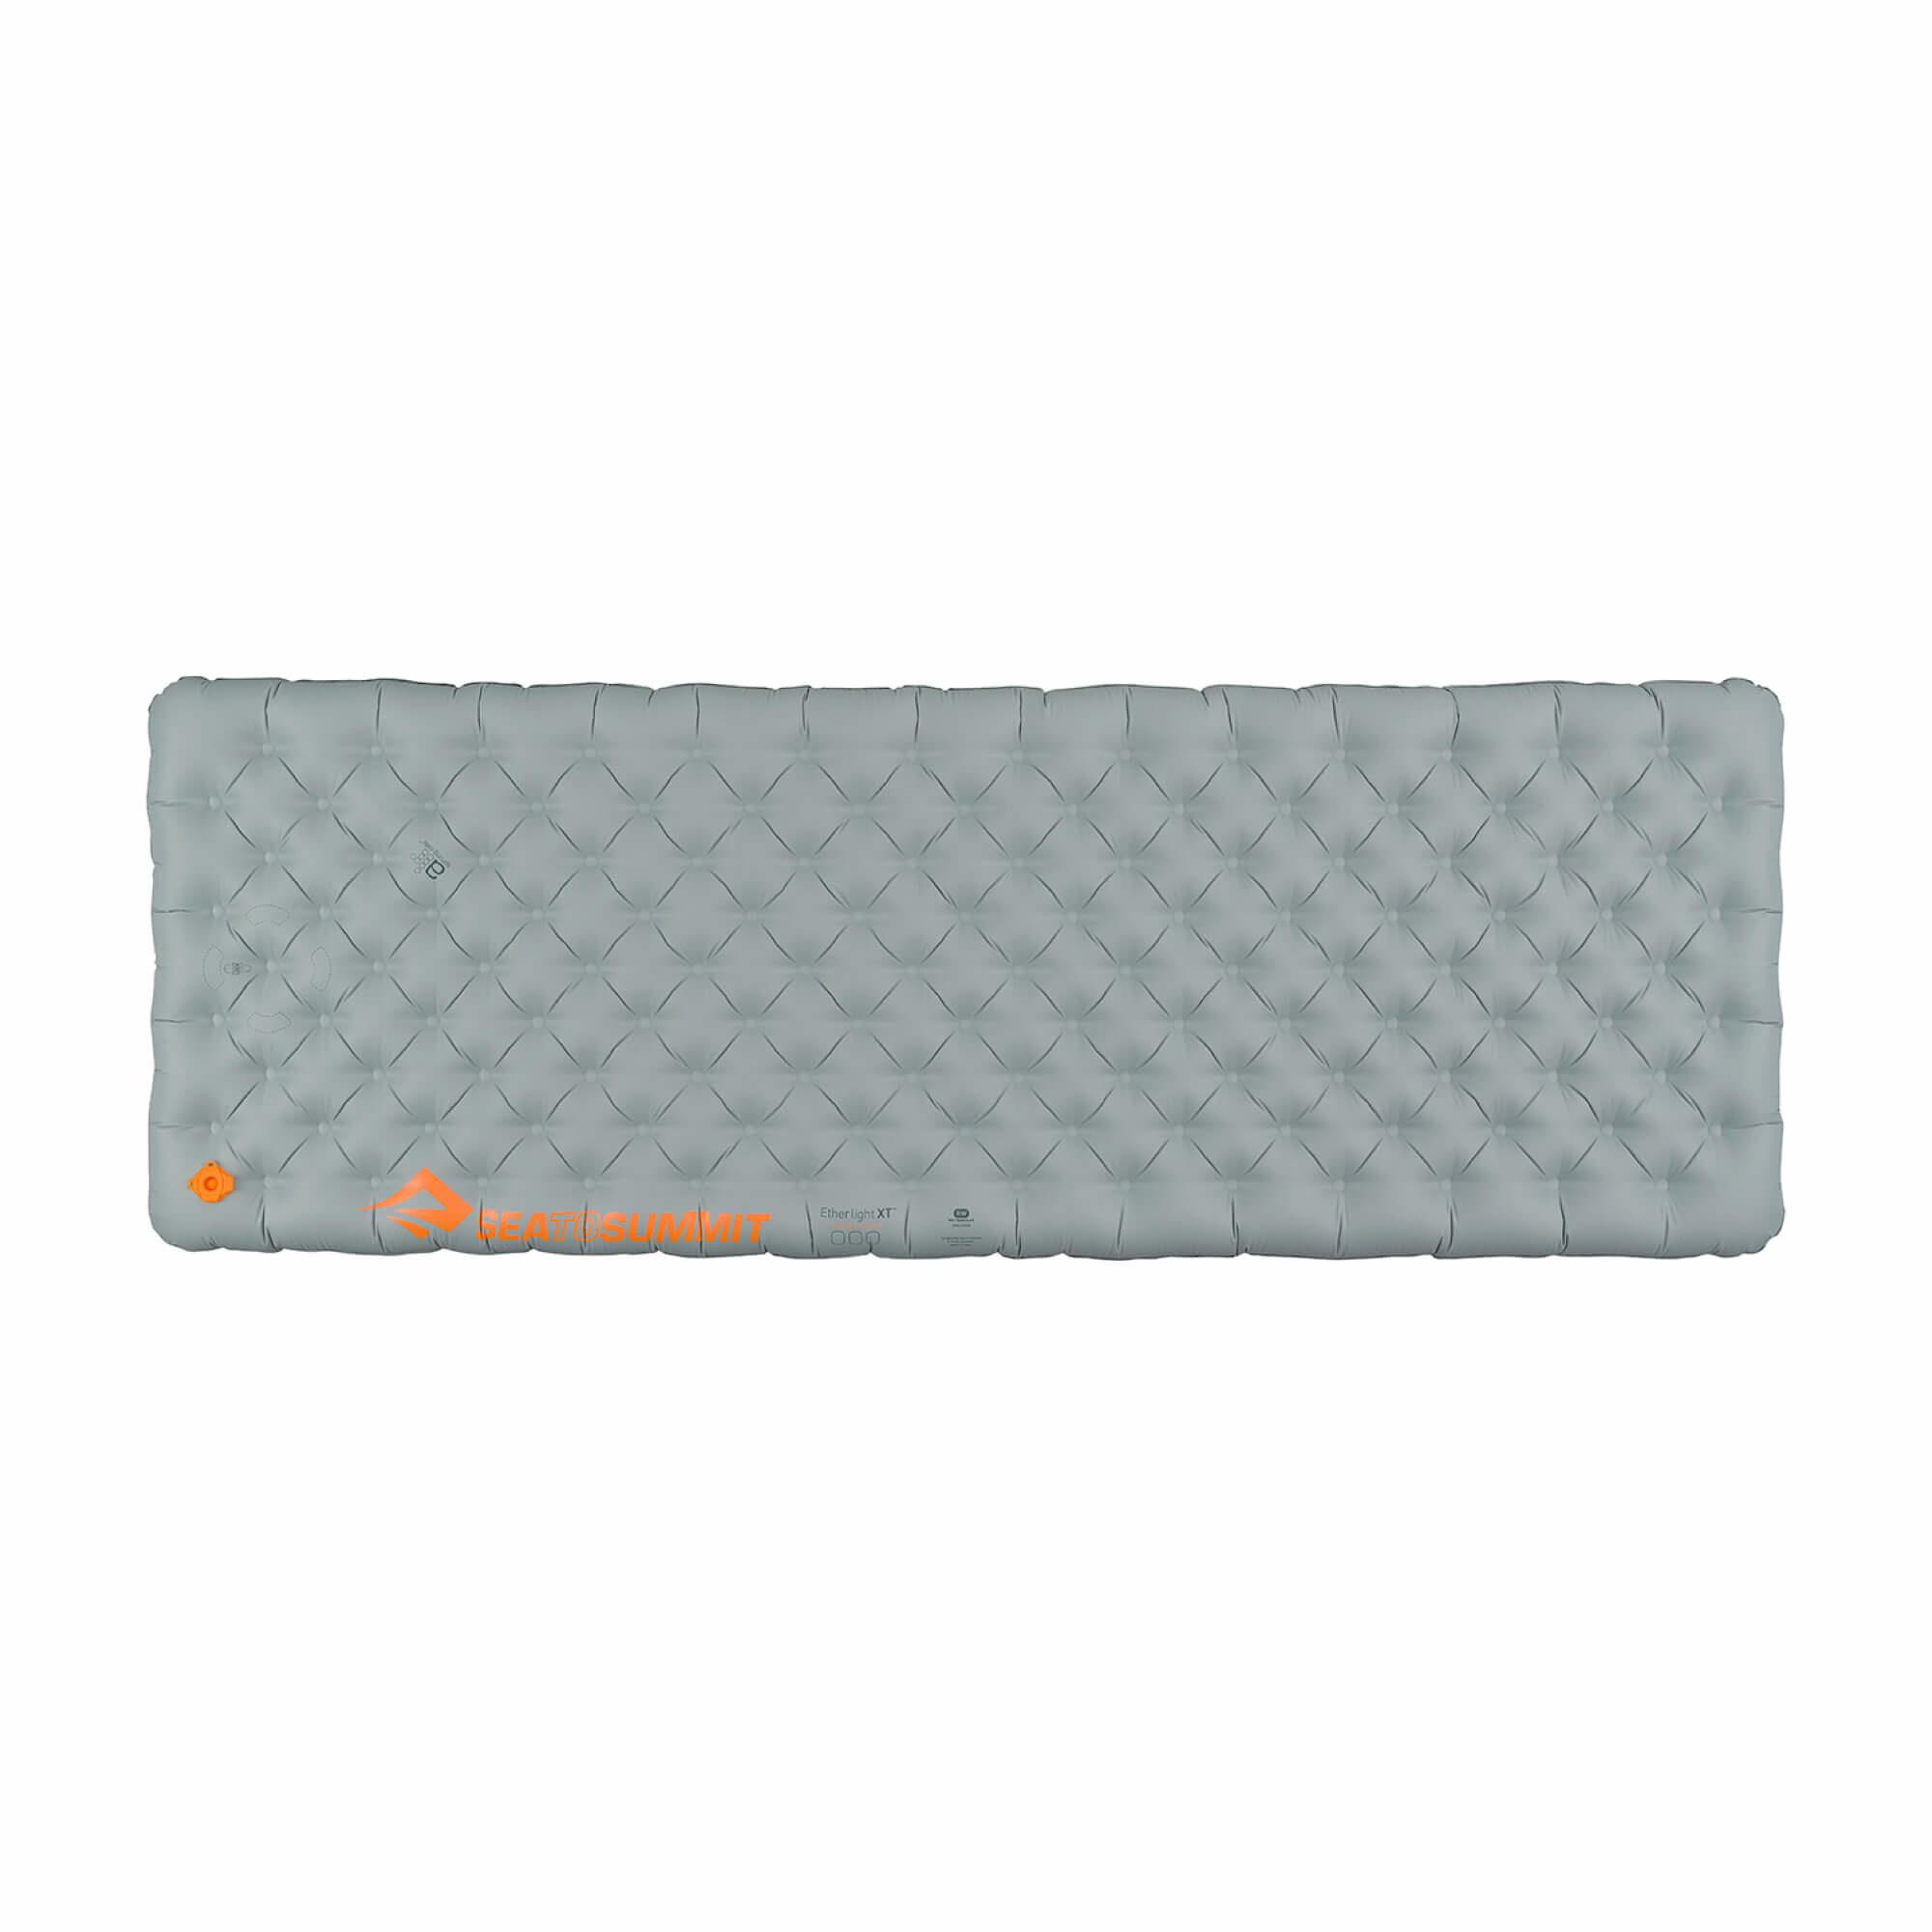 Ether XT Insulated Mat Rec Regular-3